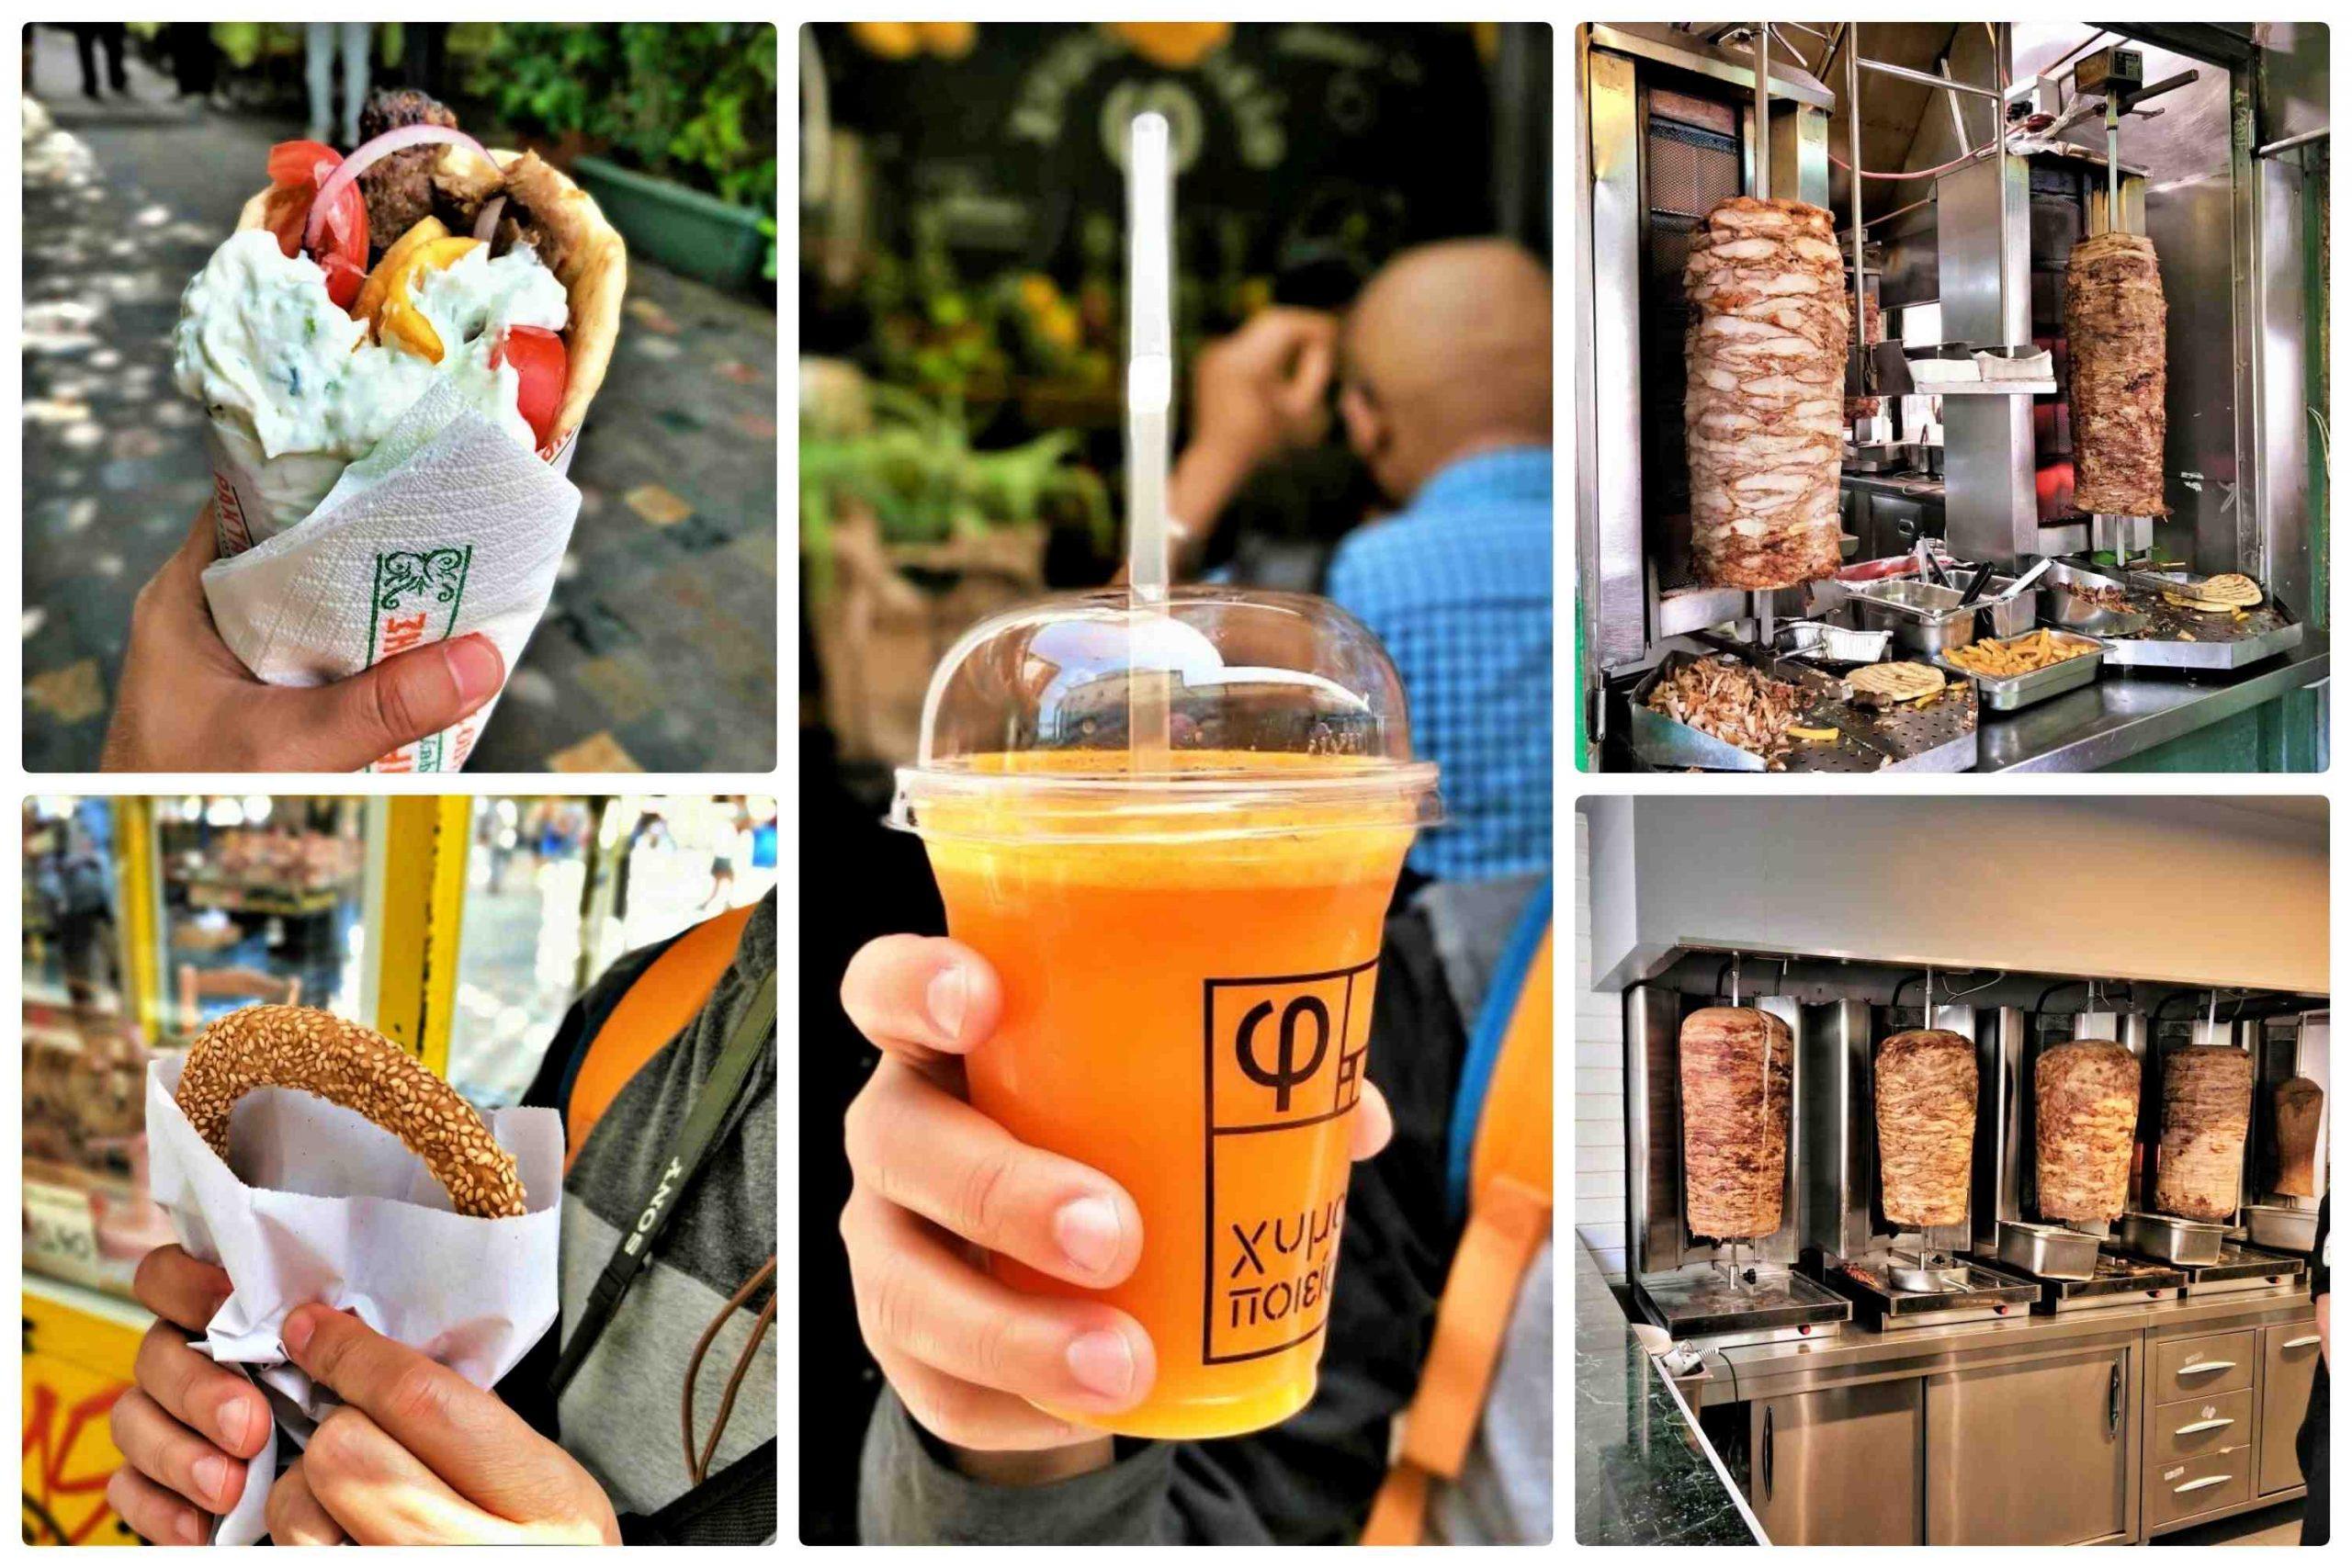 希臘雅典一日遊 - 希臘美食 Gyros & 現榨果汁